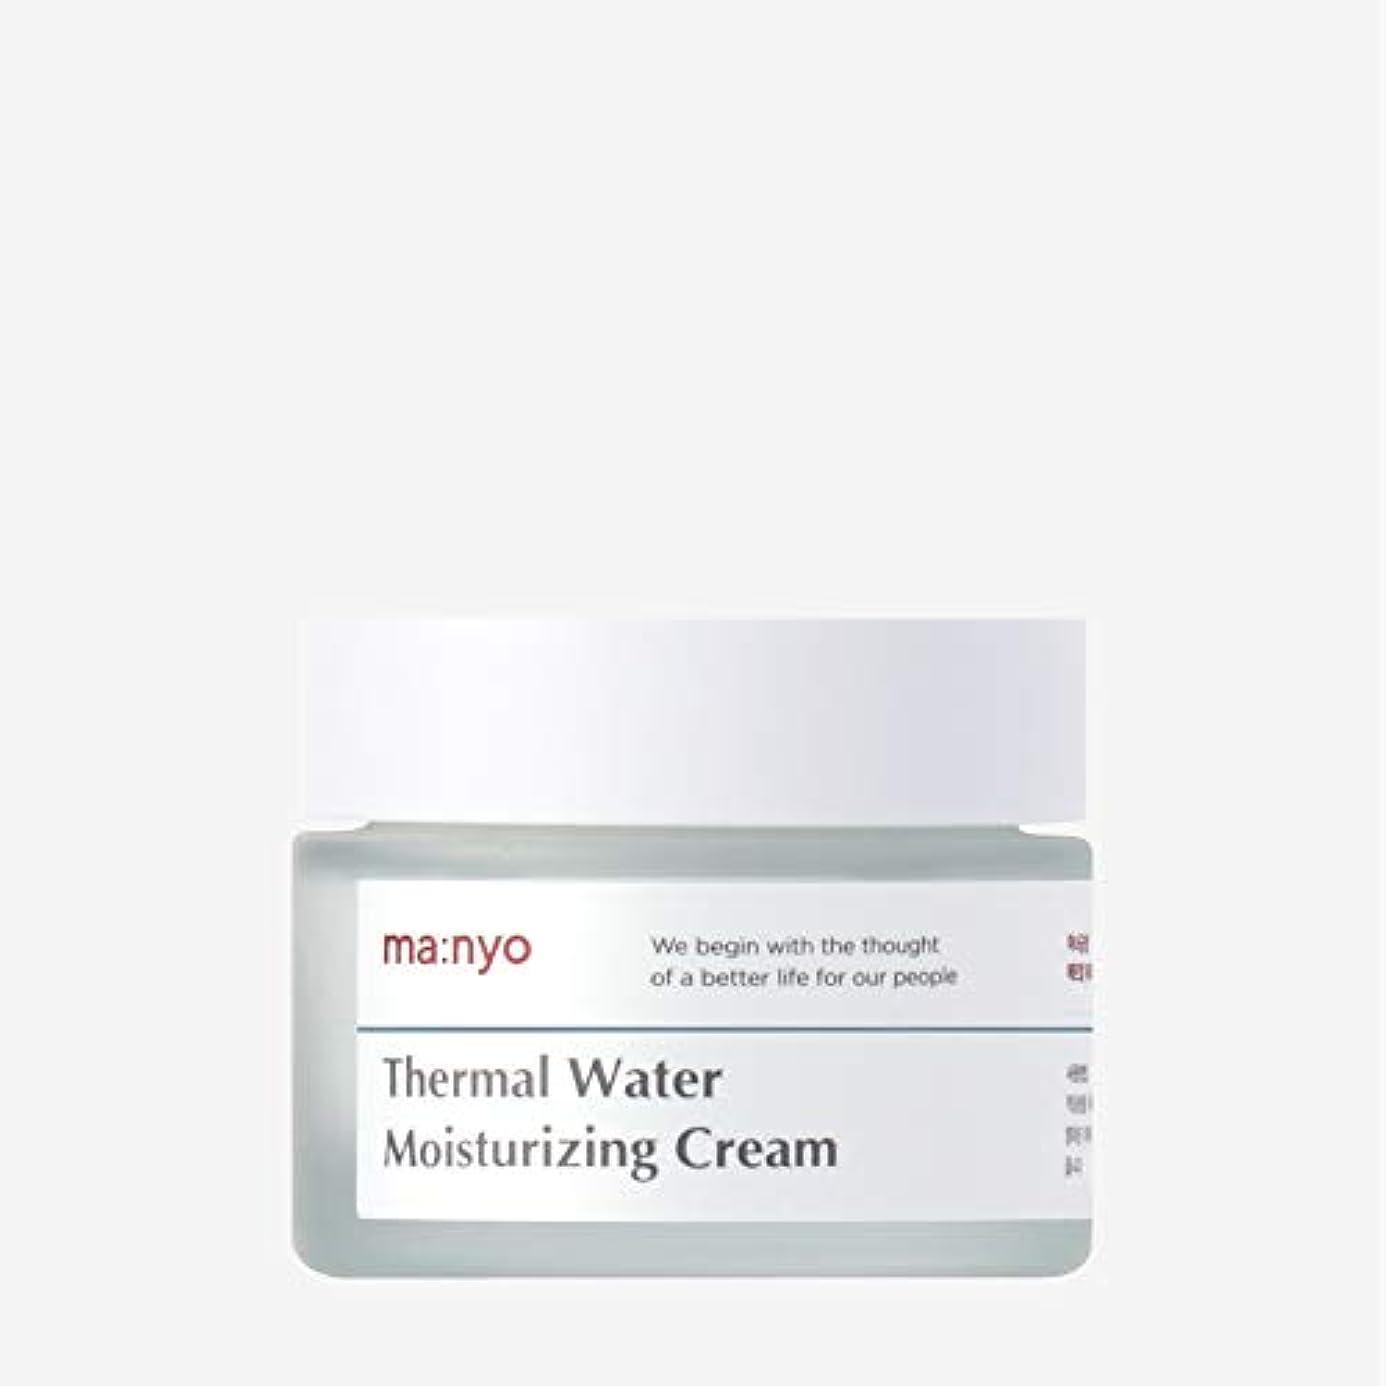 カフェ電化するボーダー魔女工場(Manyo Factory) 温泉水ミネラルクリーム 50ml / 天然ミネラル、チェコ温泉水67%で保湿補充